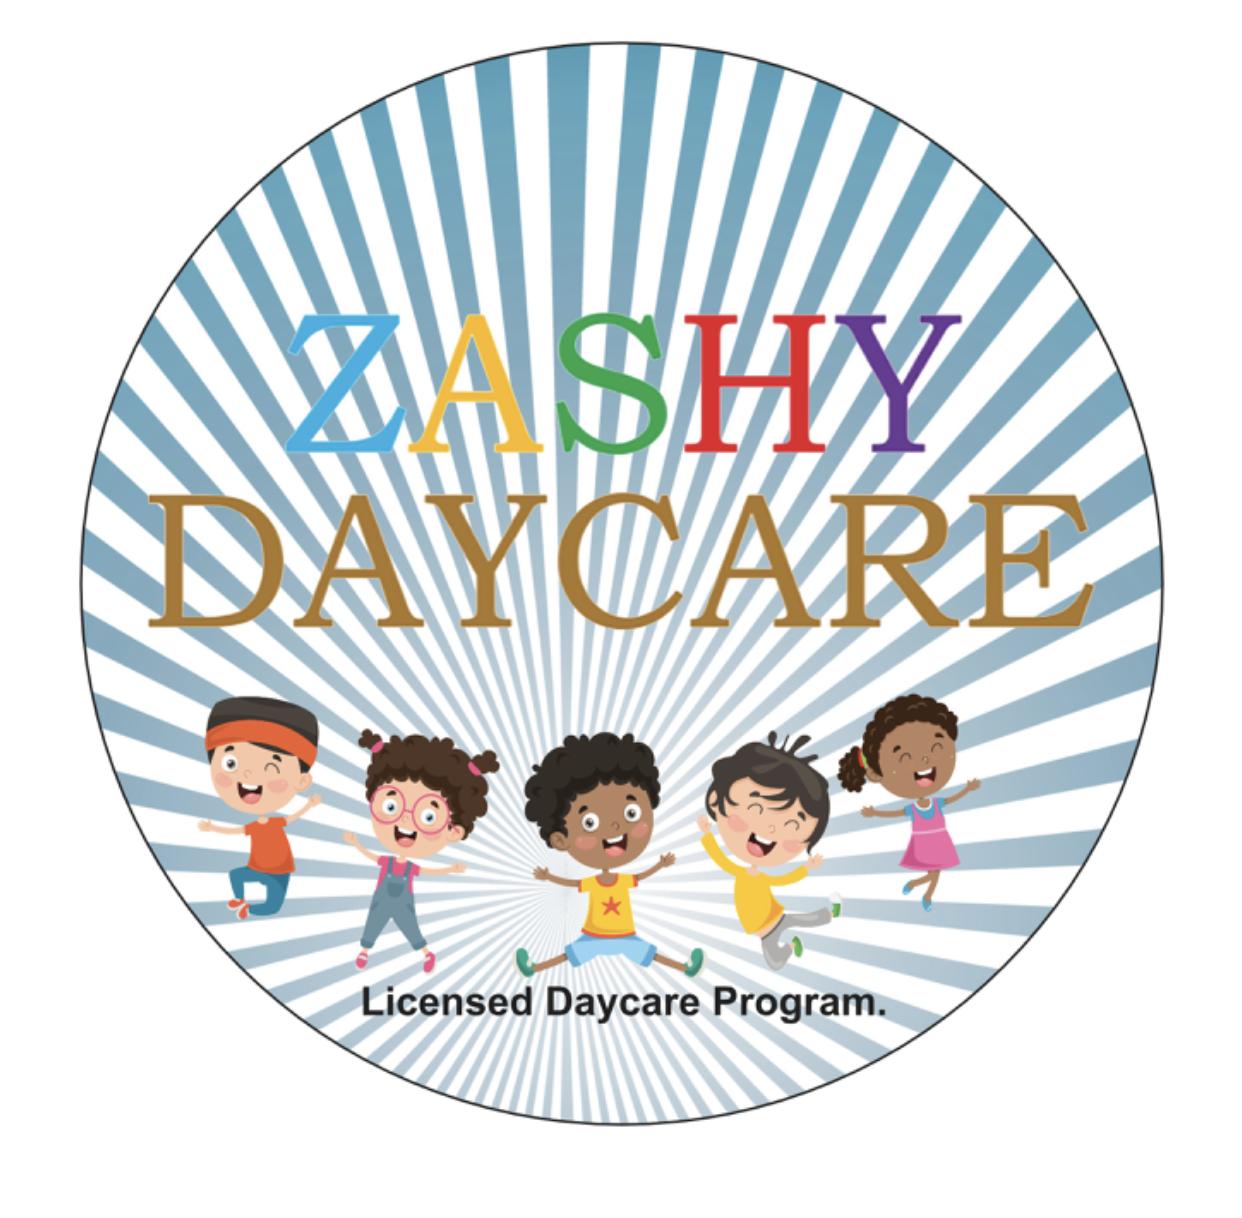 Zashy Daycare Ltd